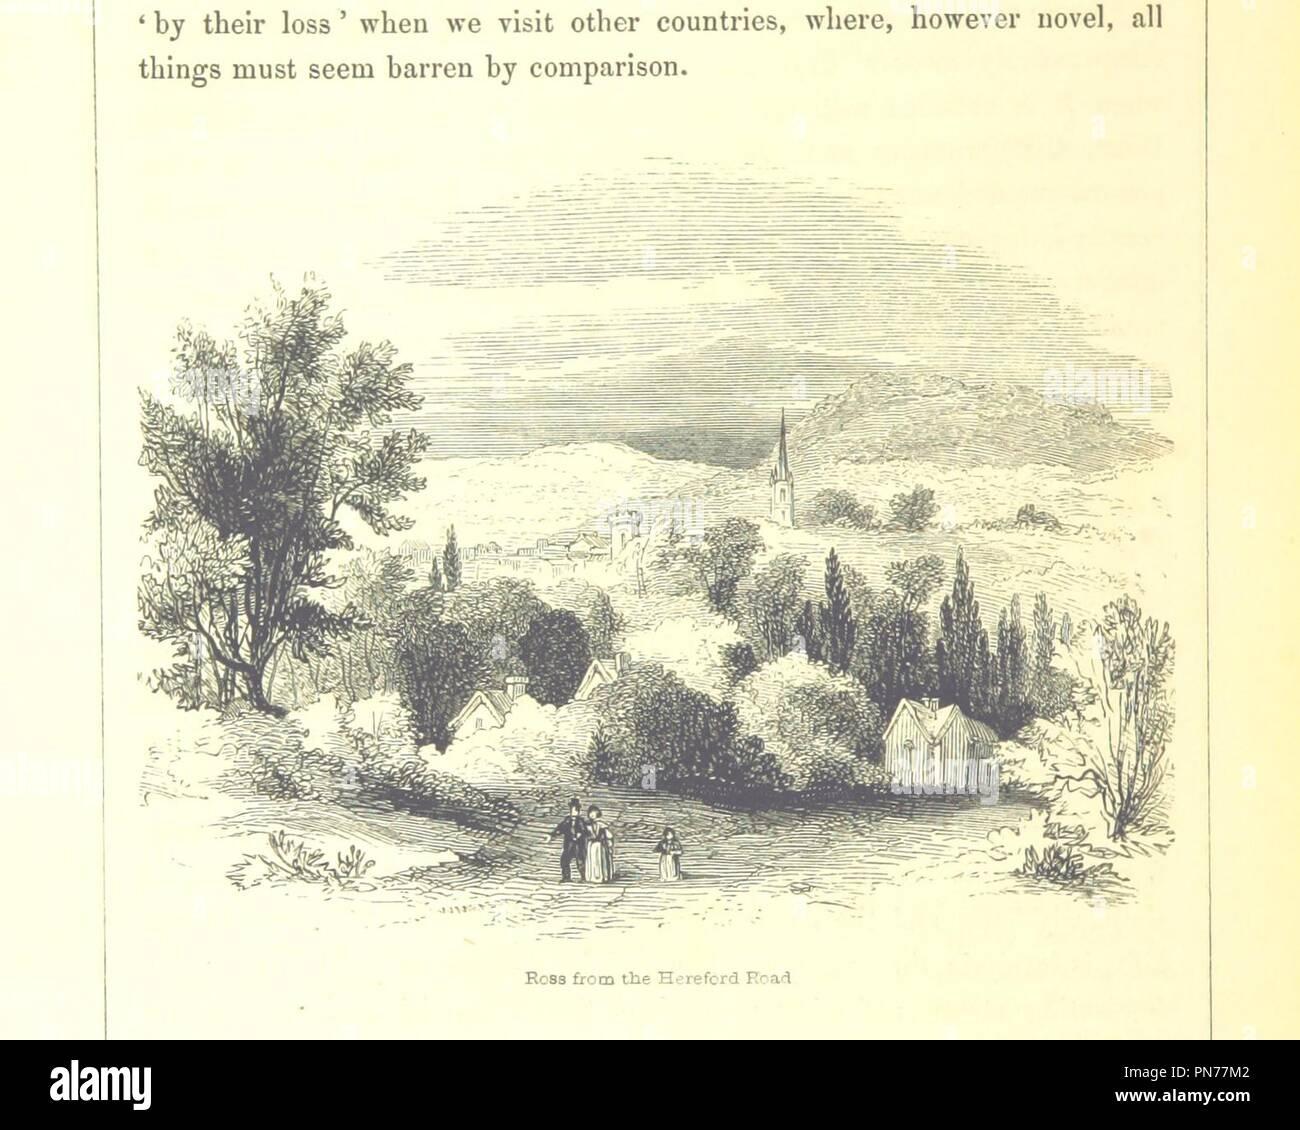 """Imagen de la página 282 de """"Las peregrinaciones a los santuarios en Inglés . Con notas e ilustraciones por F. W. Fairholt' . Imagen De Stock"""